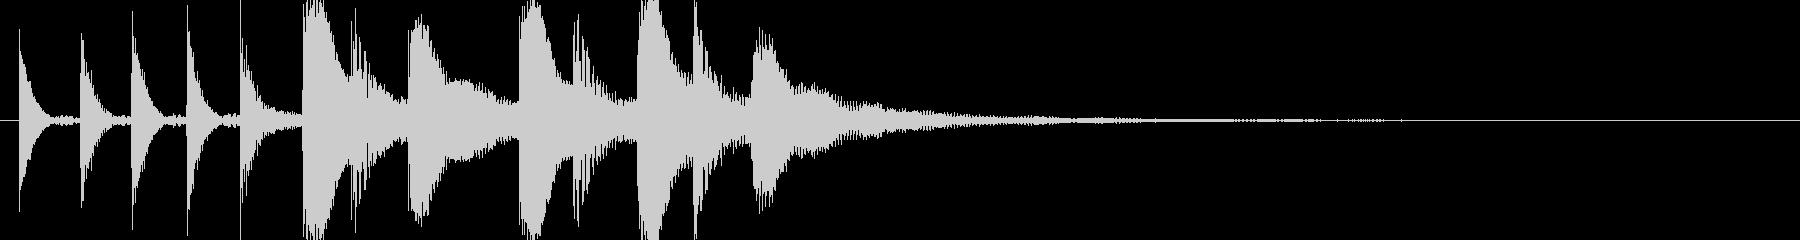 ドラム/ティンバレス フィルイン 16の未再生の波形